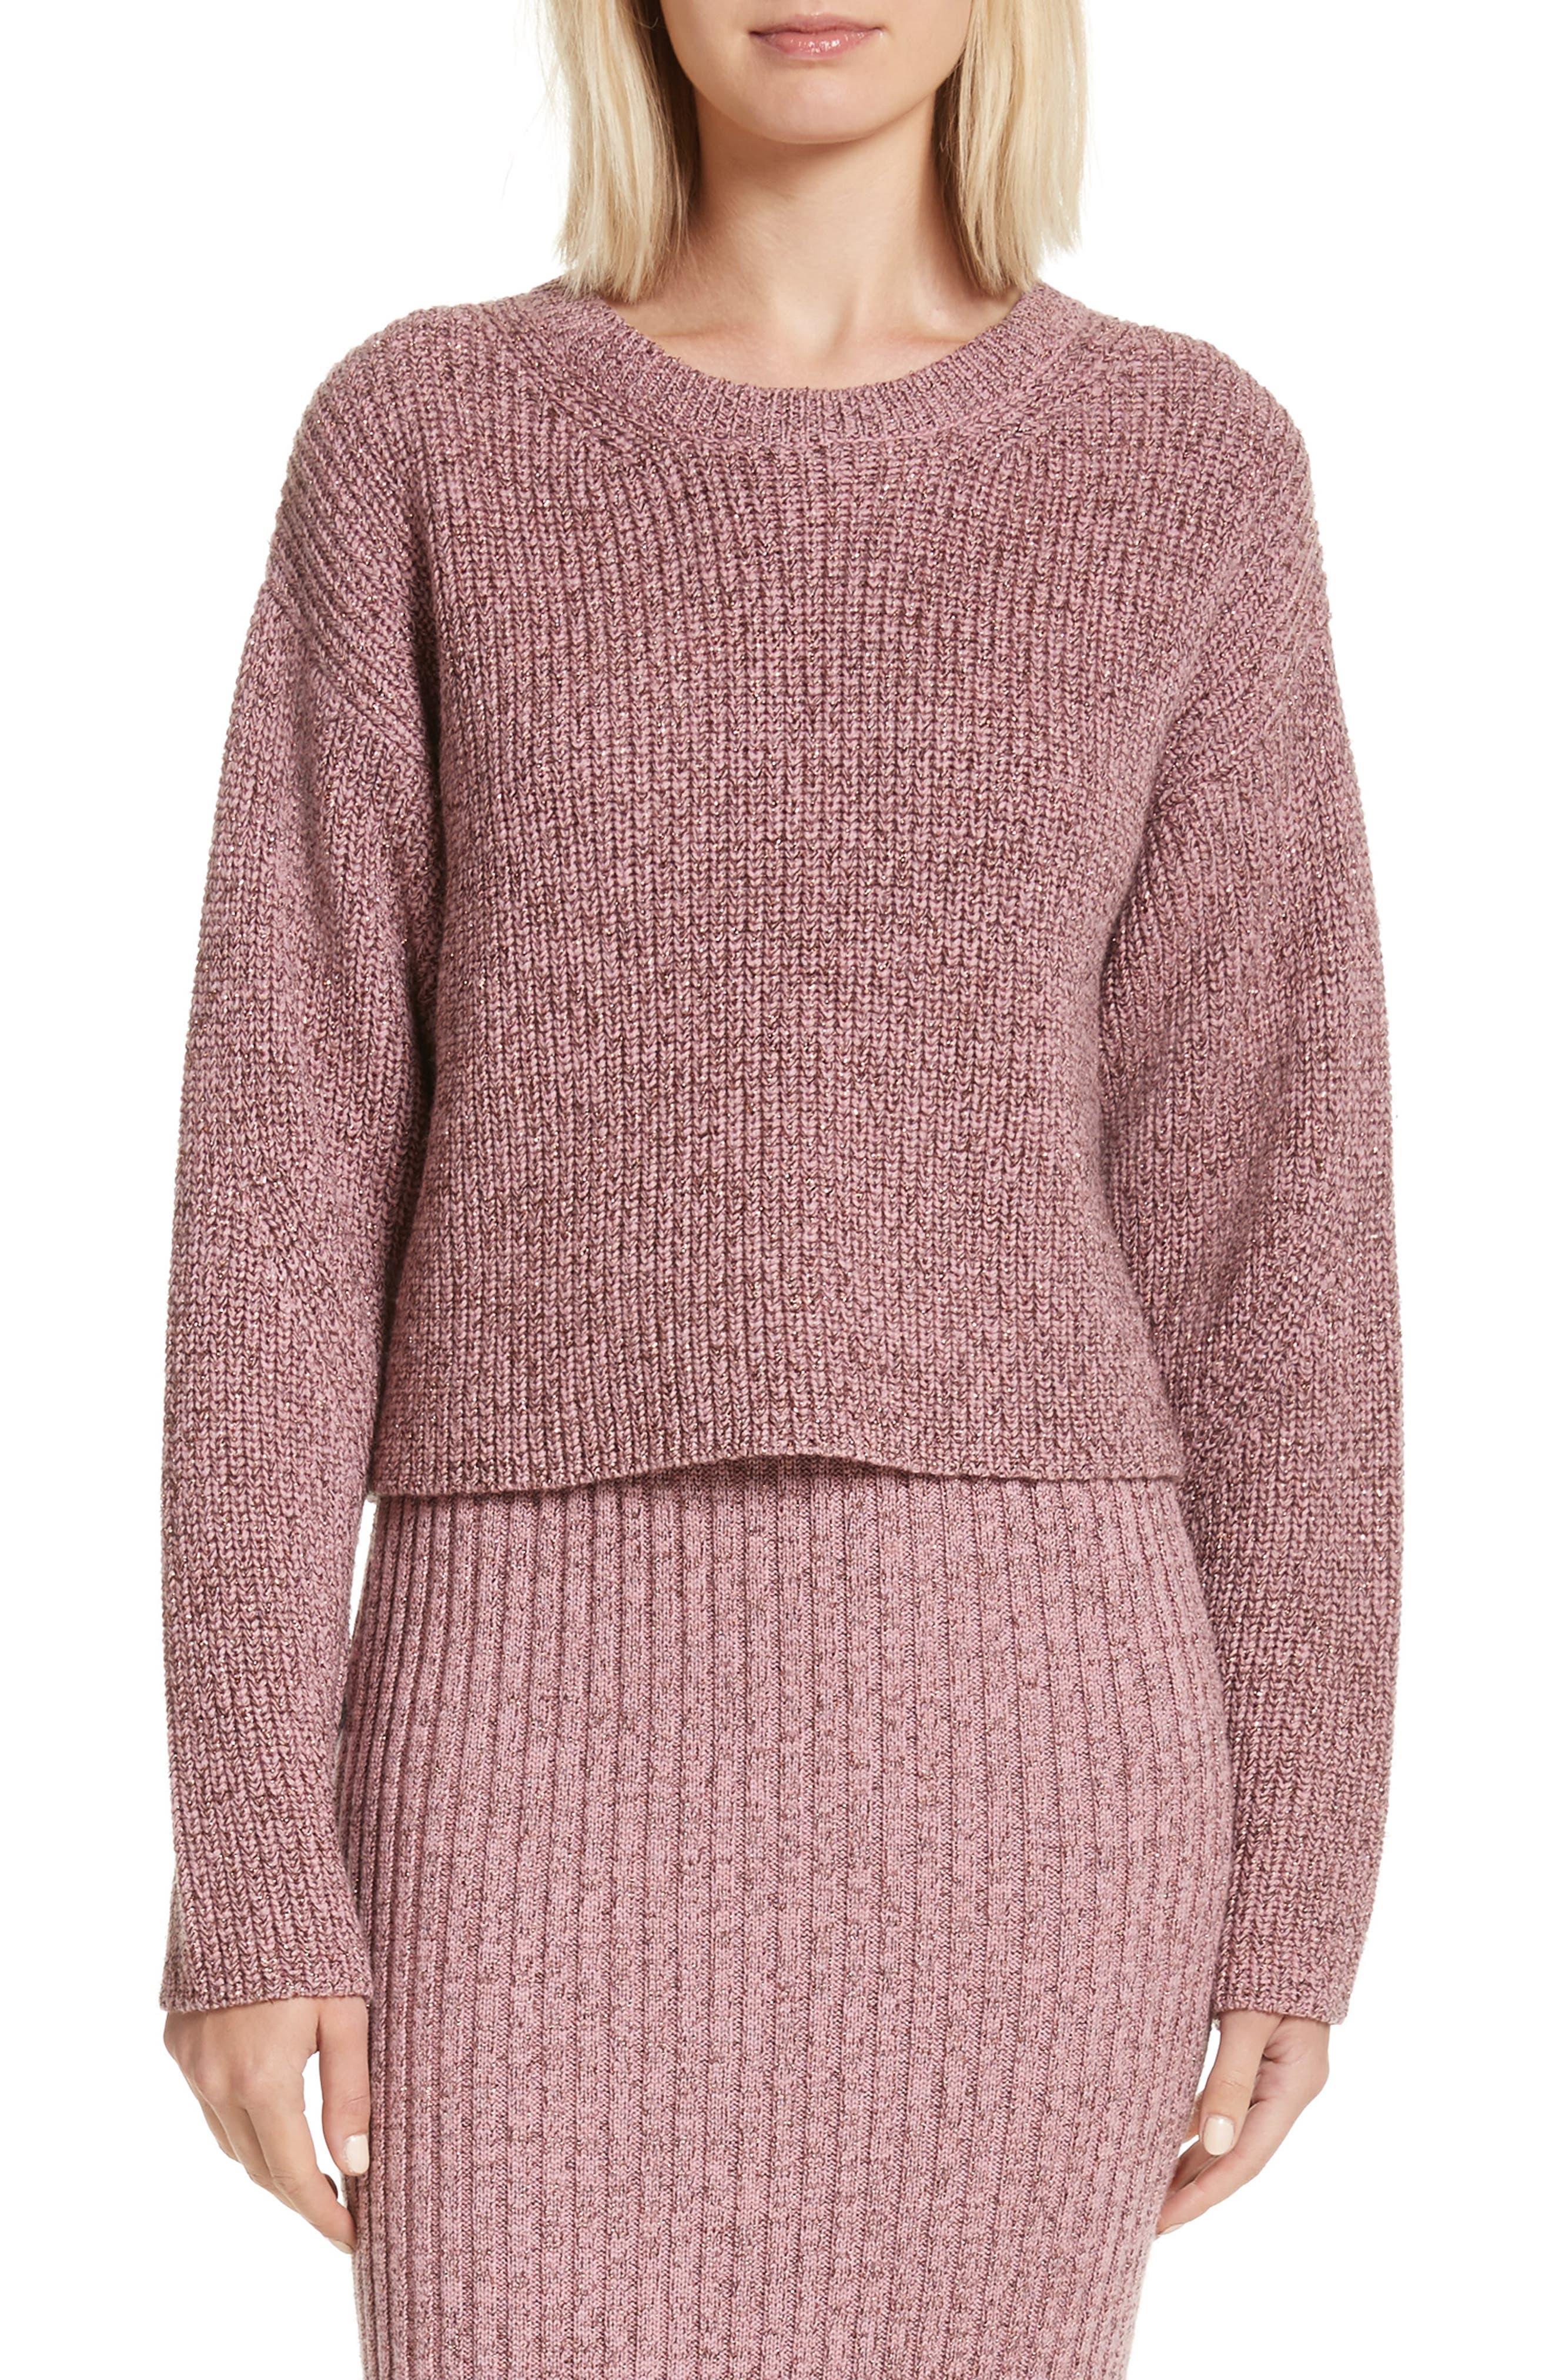 Alternate Image 1 Selected - rag & bone Leyton Metallic Knit Merino Wool Blend Sweater